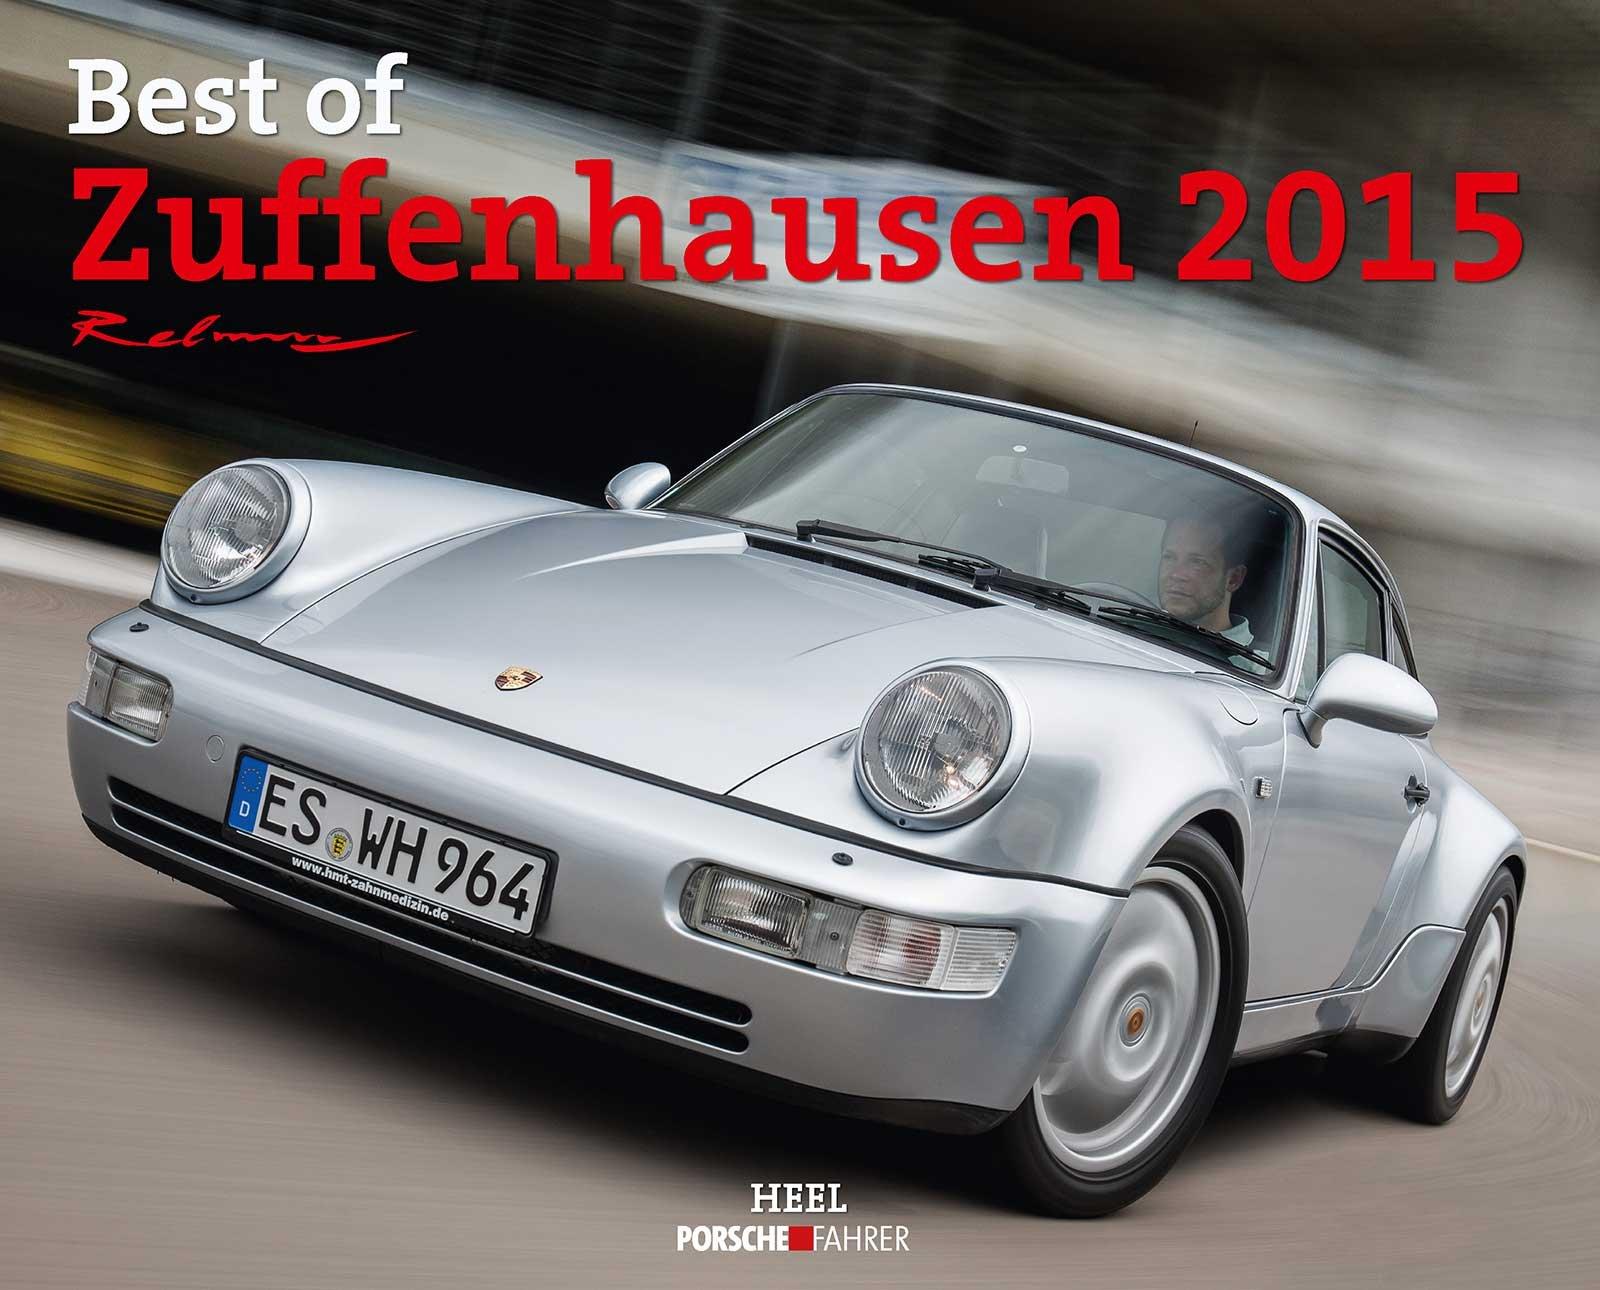 Best of Zuffenhausen 2015